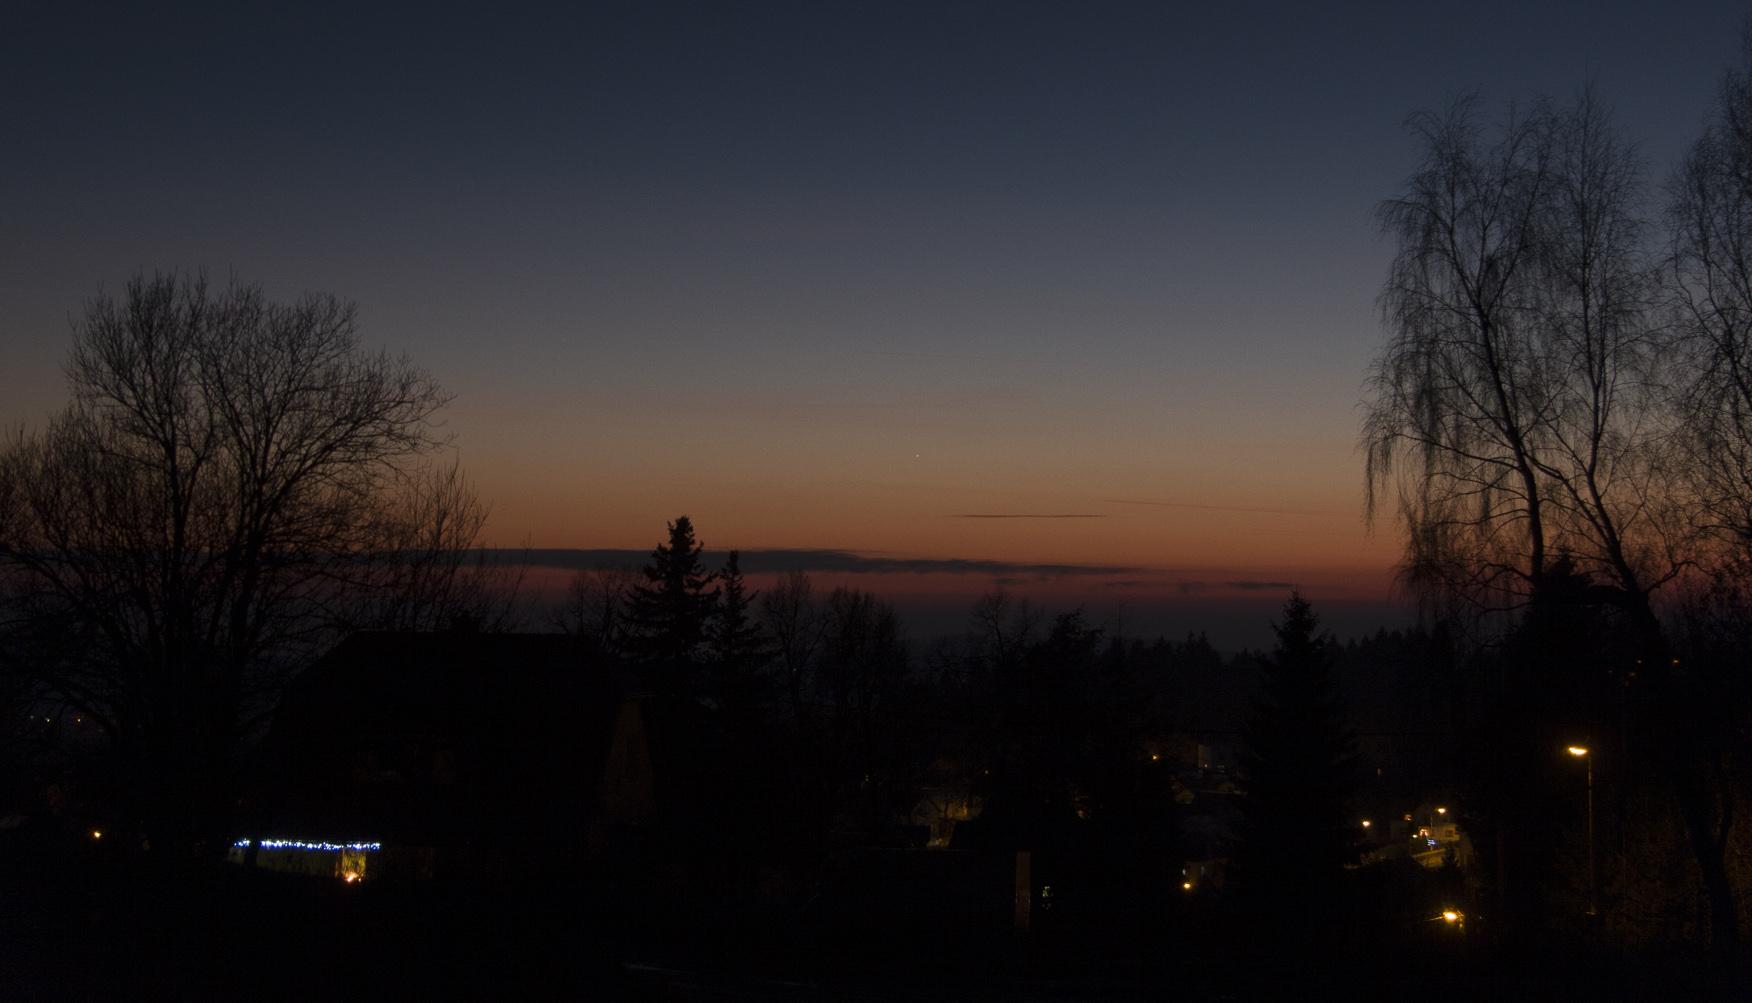 Merkur 29. 12. 2015 v ohnisku 38 mm, Canon 30D